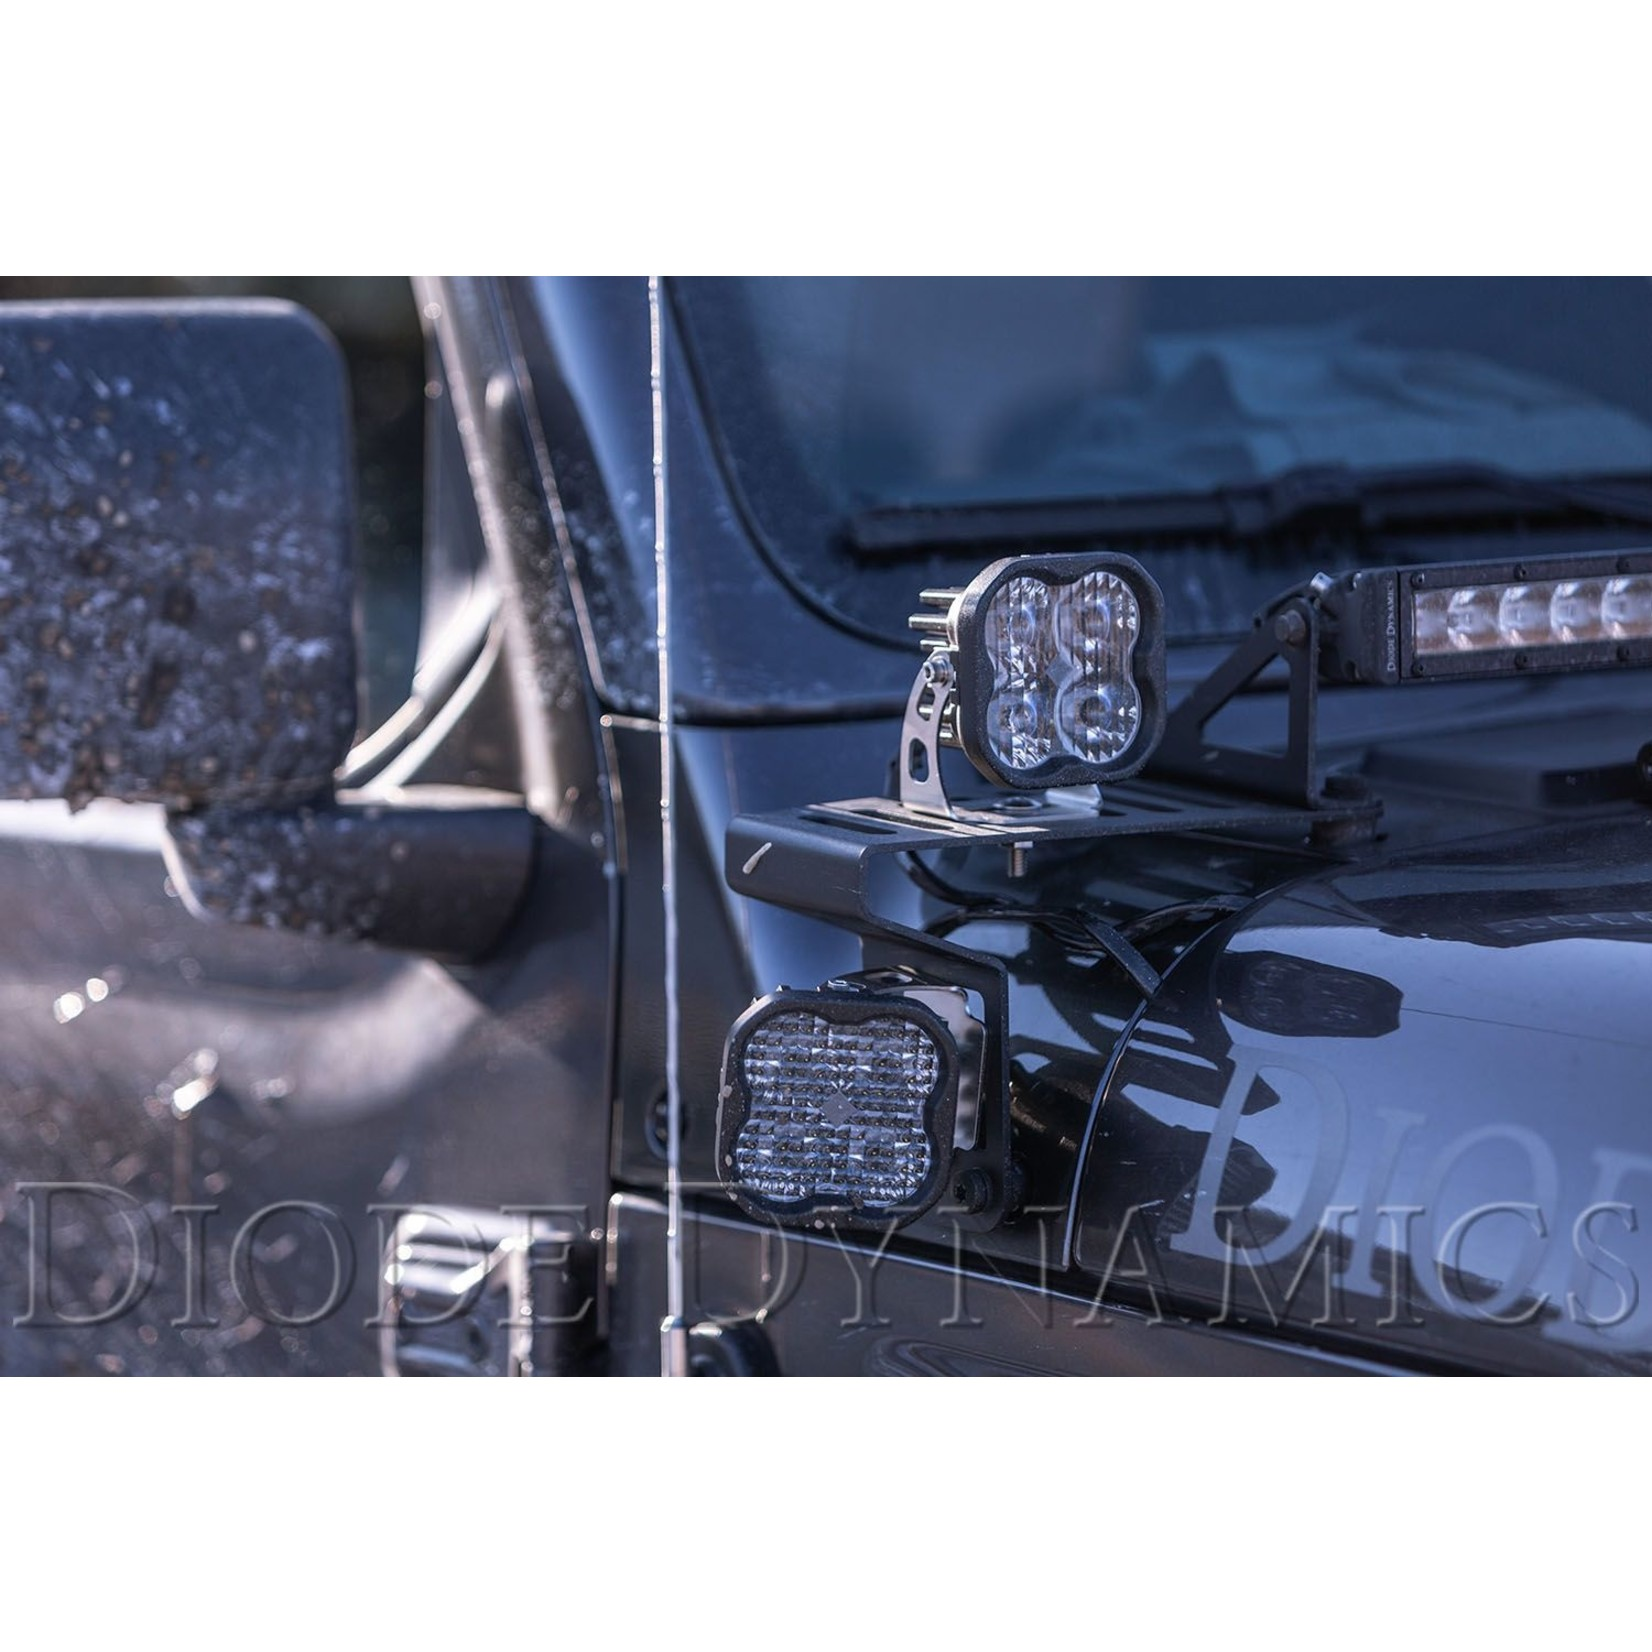 Diode Dynamics Diode Dynamics SS3 Pro Standard White LED Pod